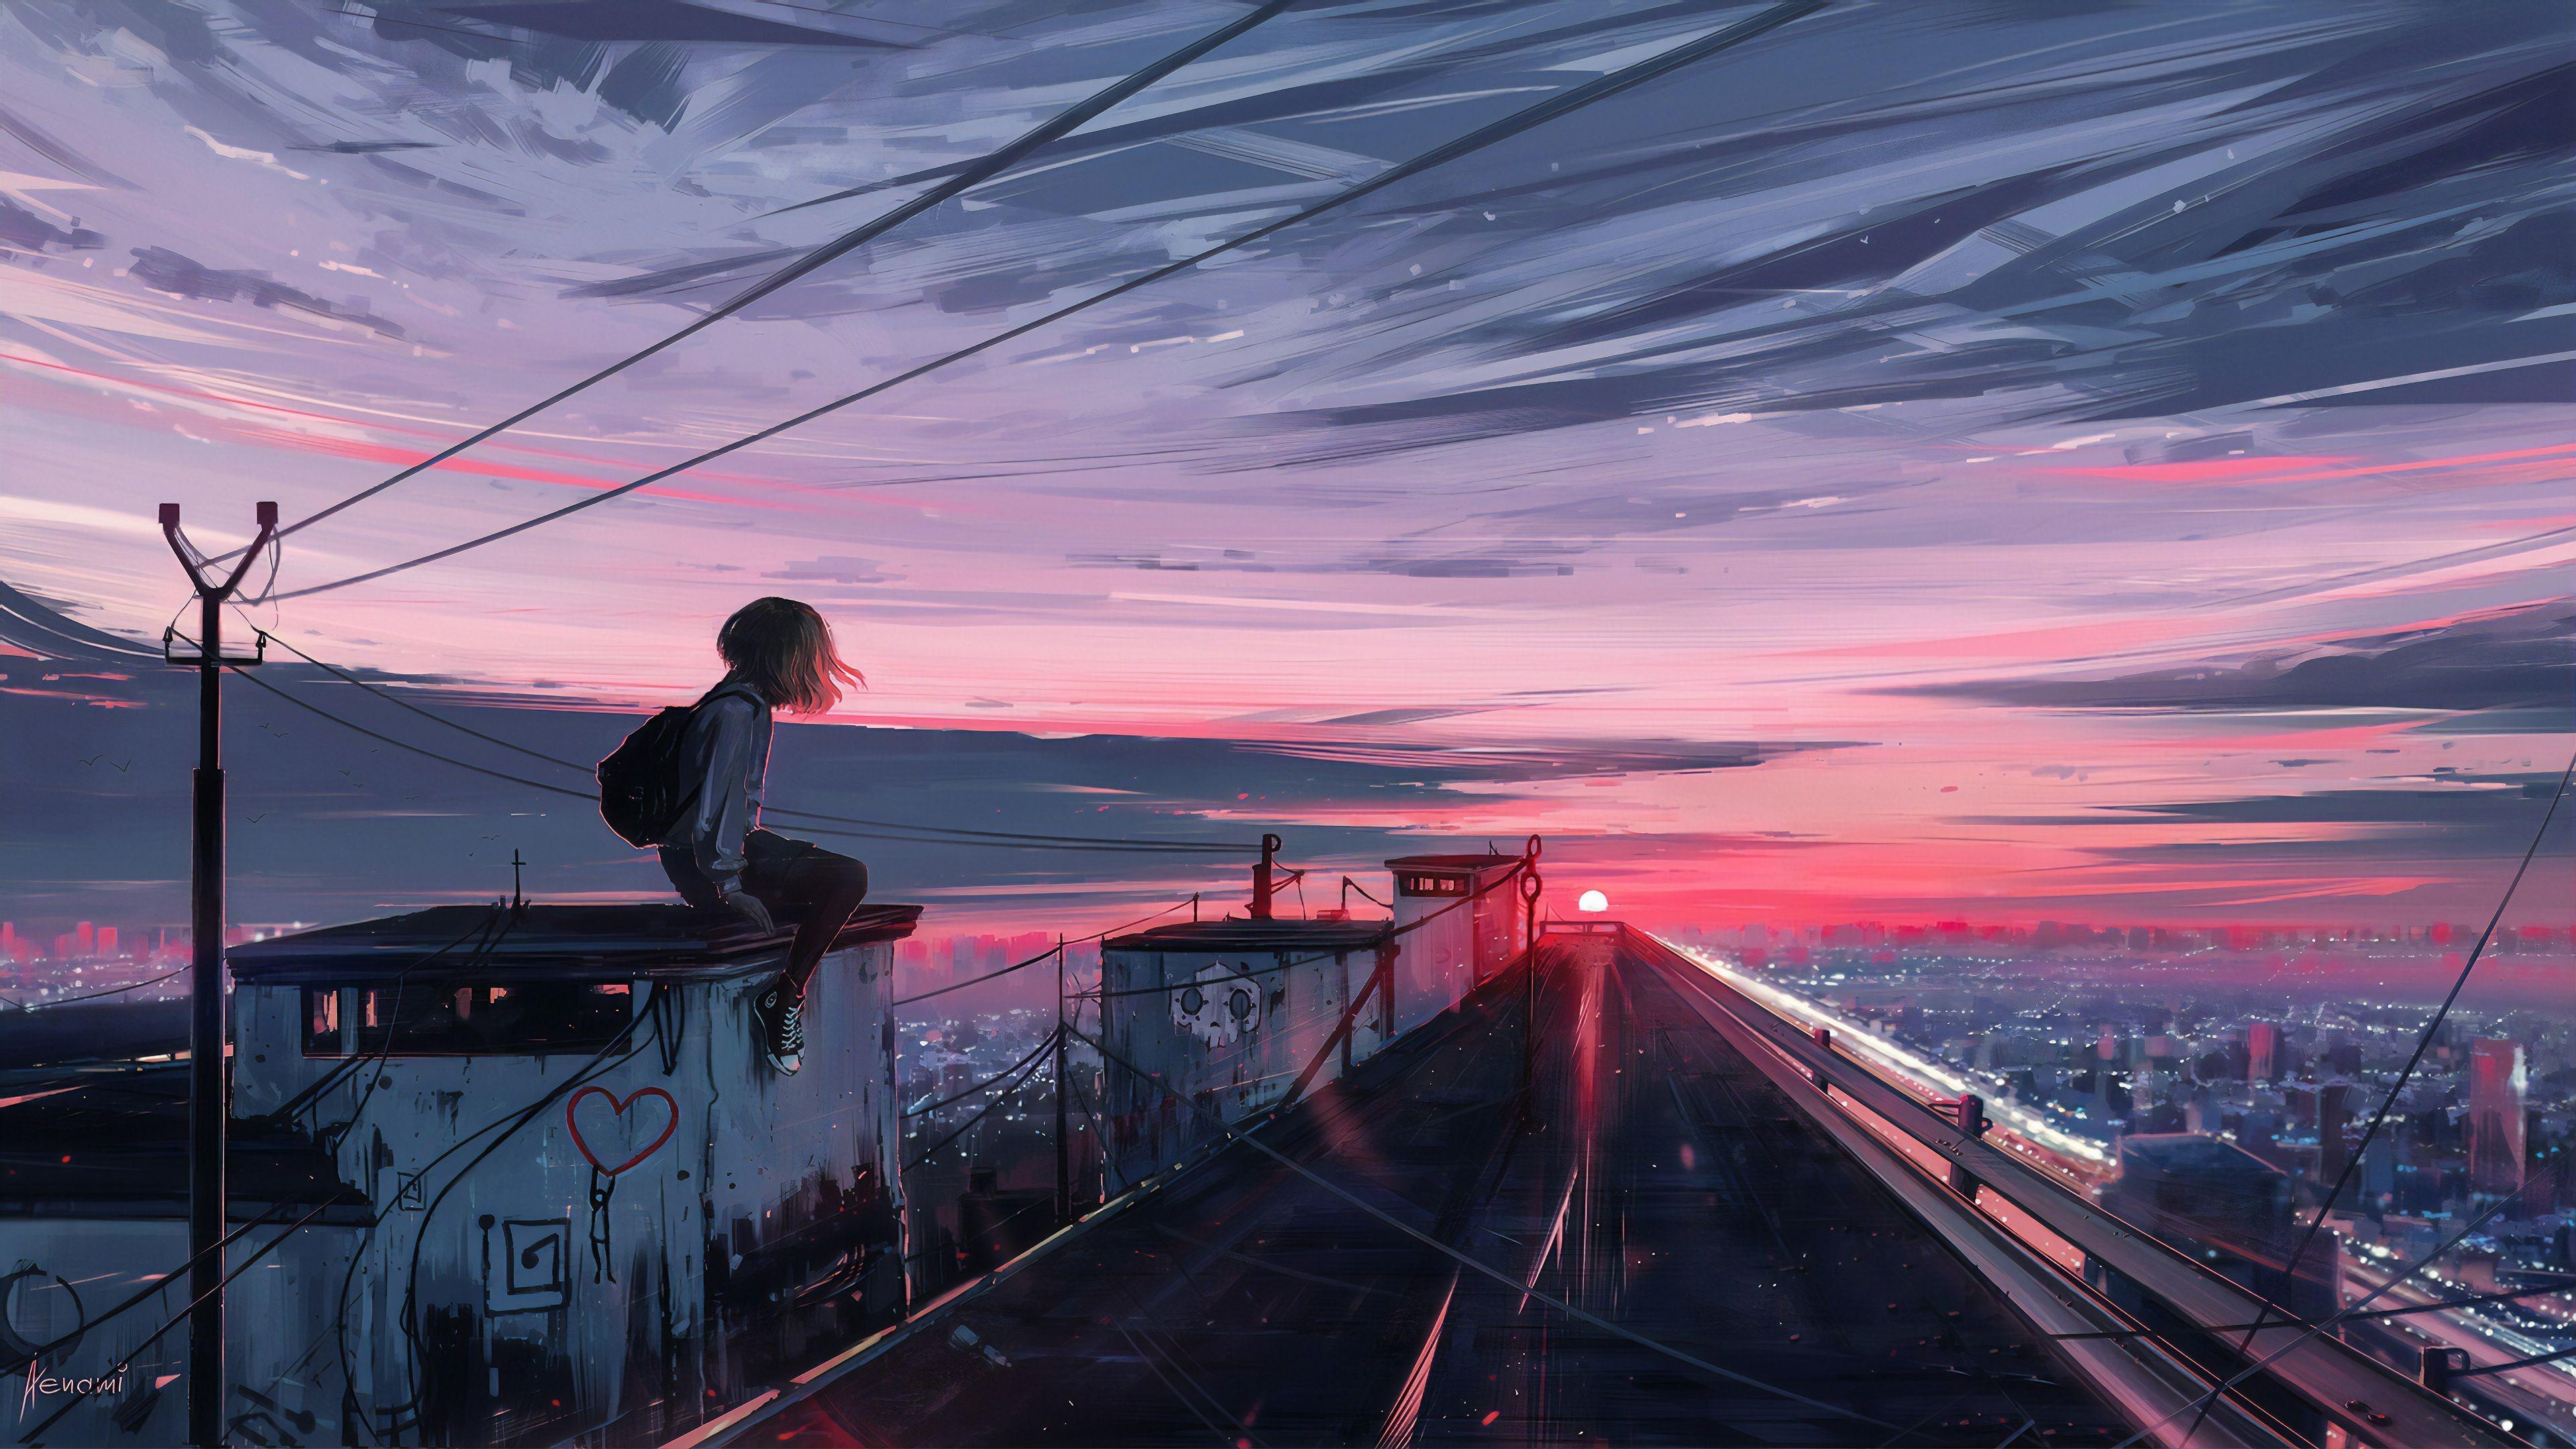 Aesthetic Anime Sunset Wallpaper Scenery Wallpaper Anime Scenery Desktop Wallpaper Art